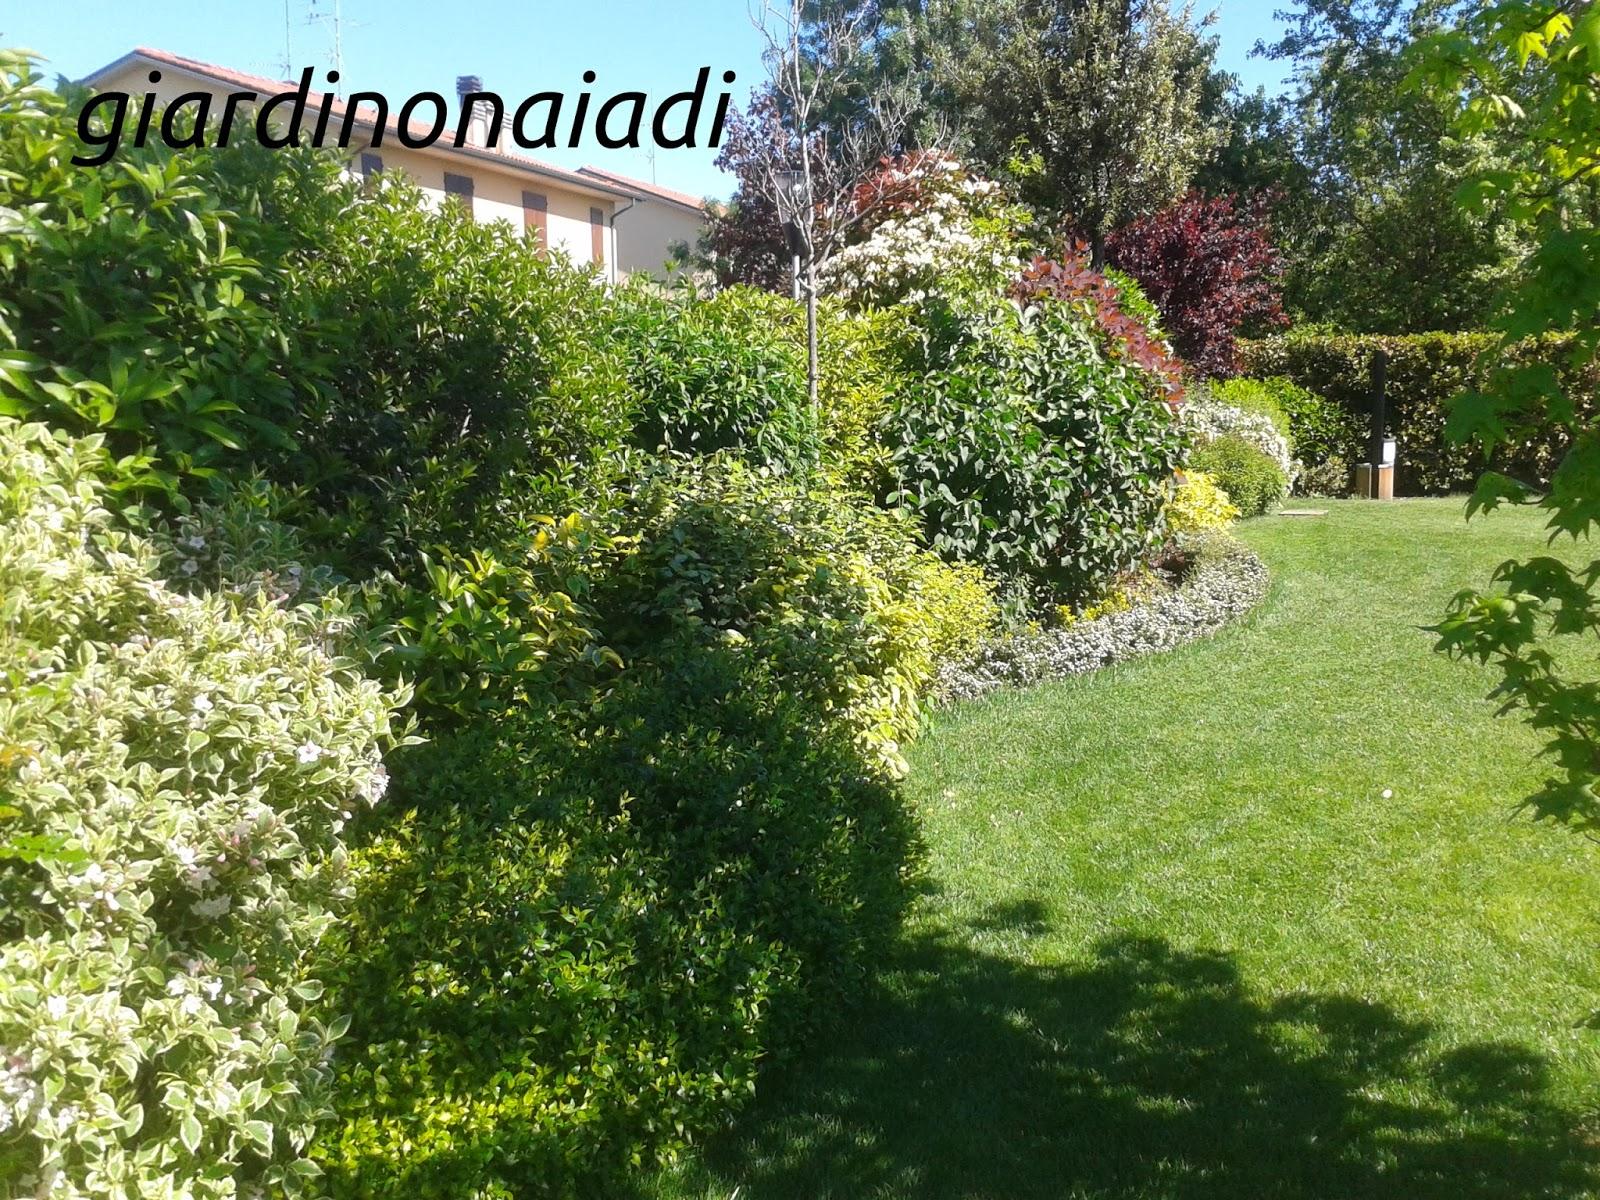 Elementi Decorativi Da Giardino : Il giardino delle naiadi progettare bordure e aiuole prima parte